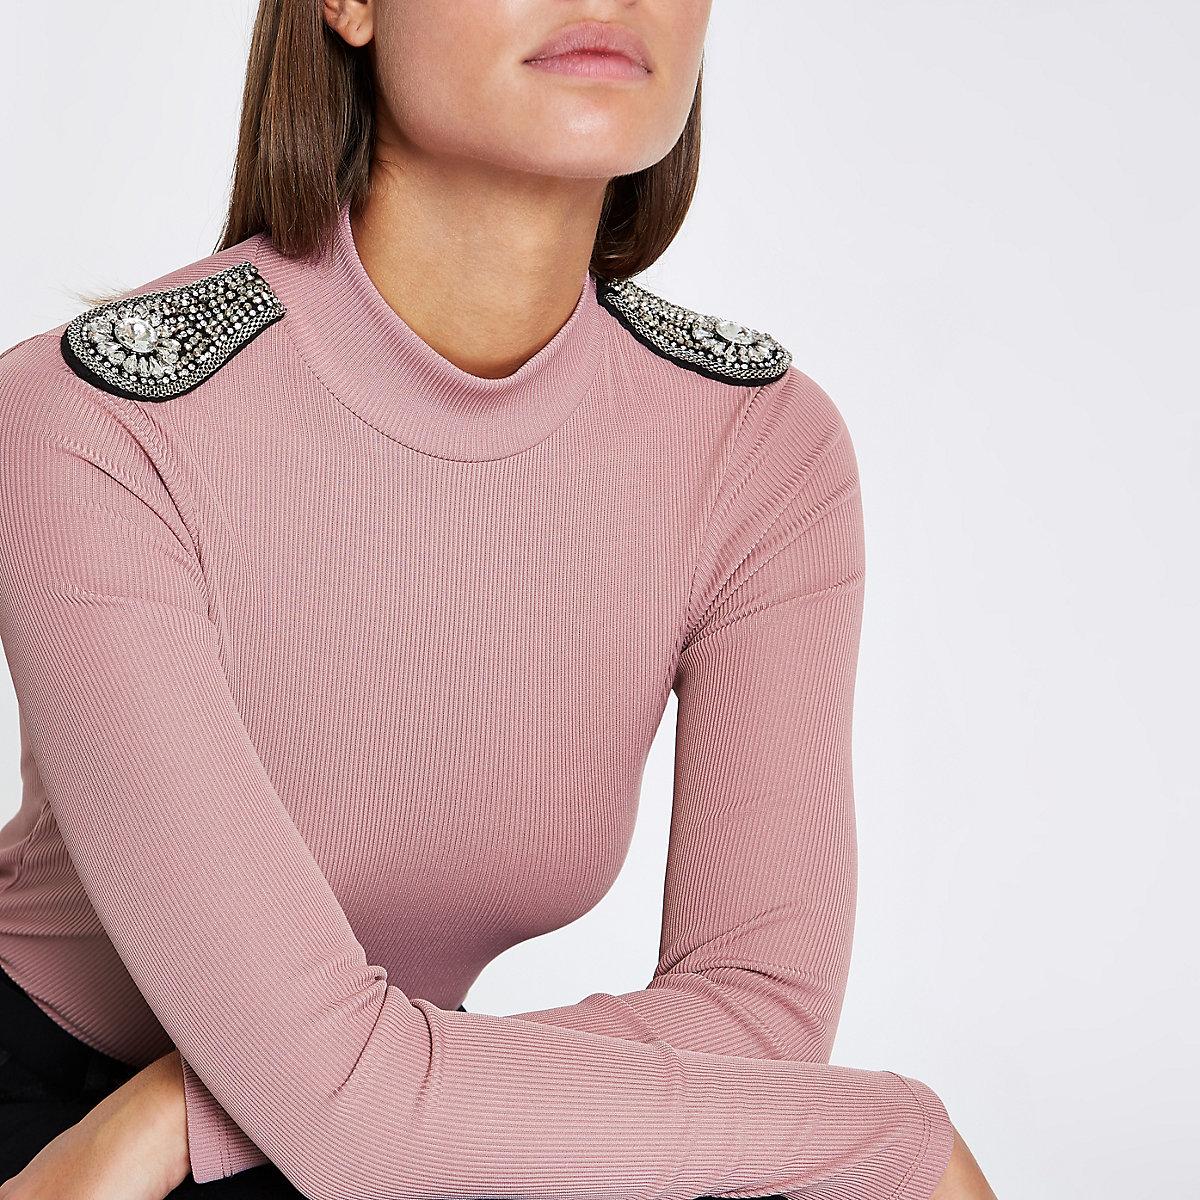 Light pink rhinestone embellished shoulder top